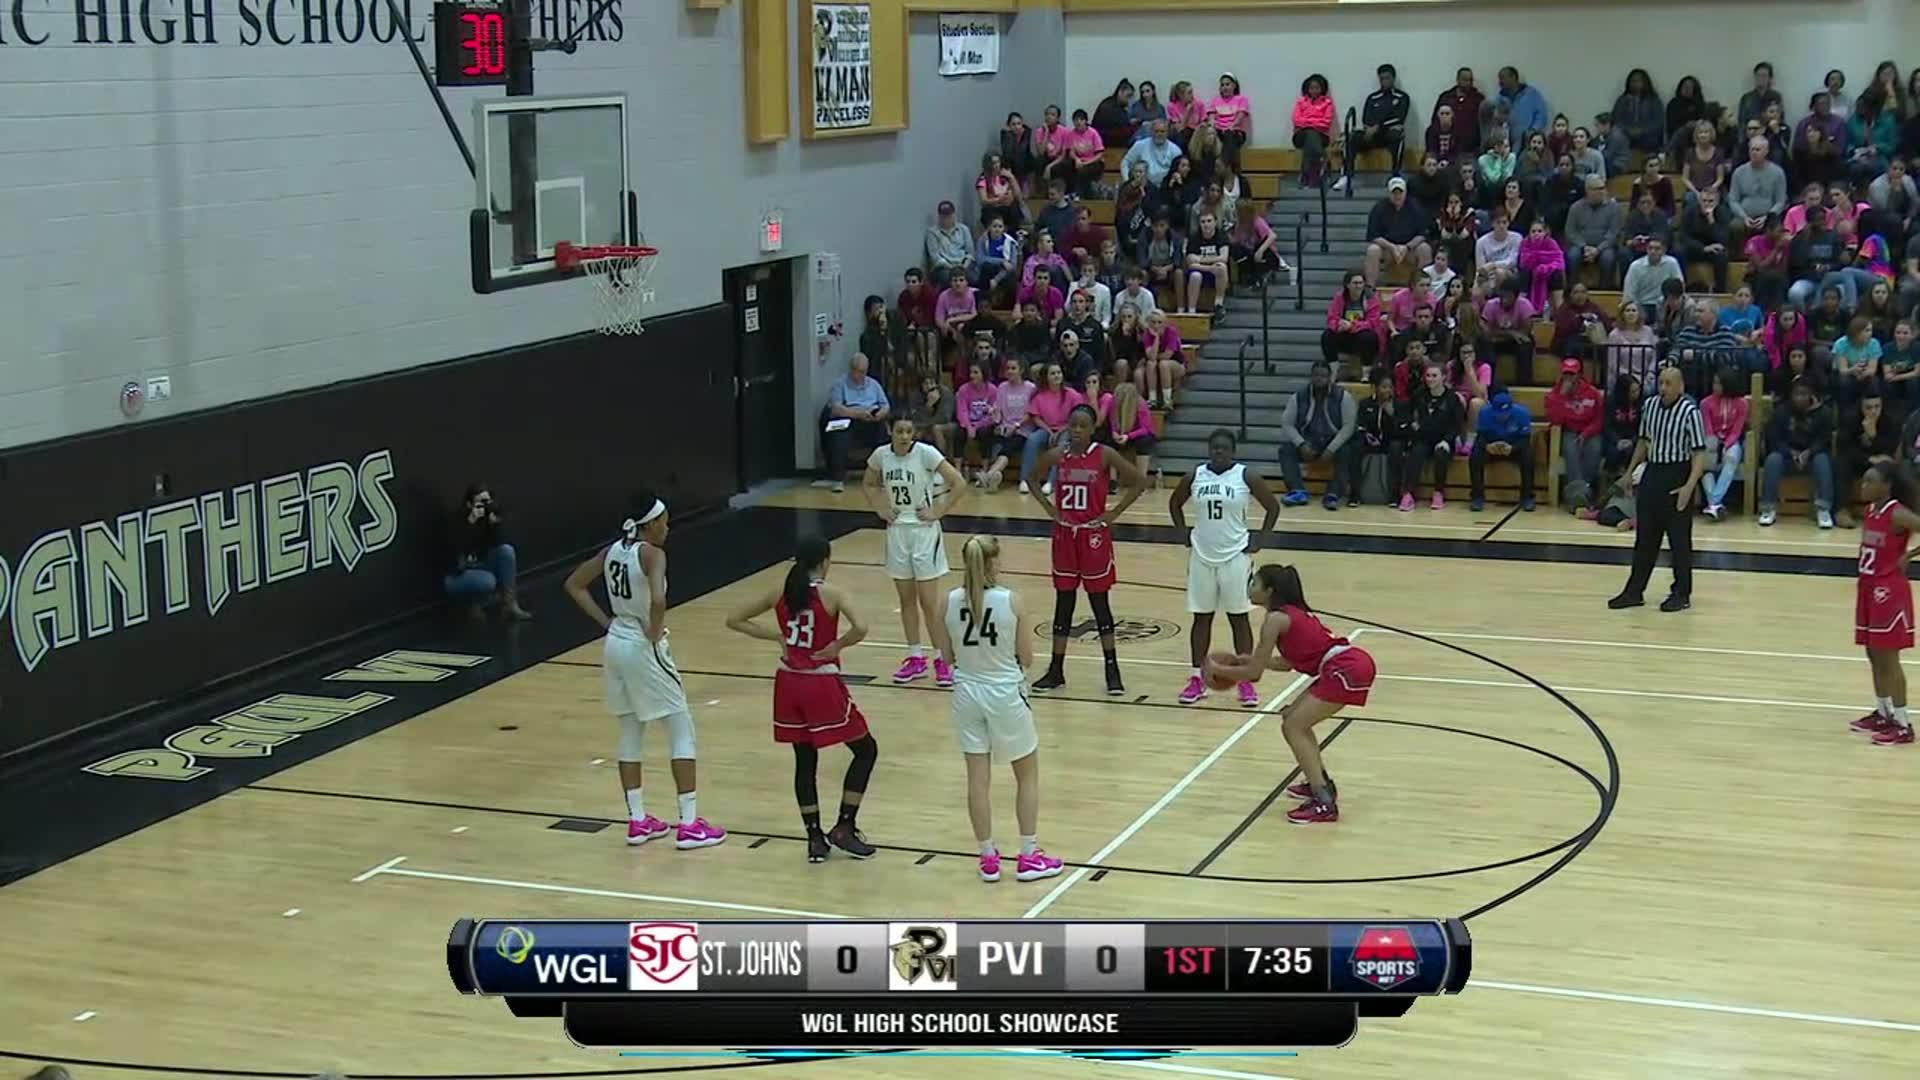 Image of High School Basketball Showcase: St. John's vs. Paul VI 2/12/17